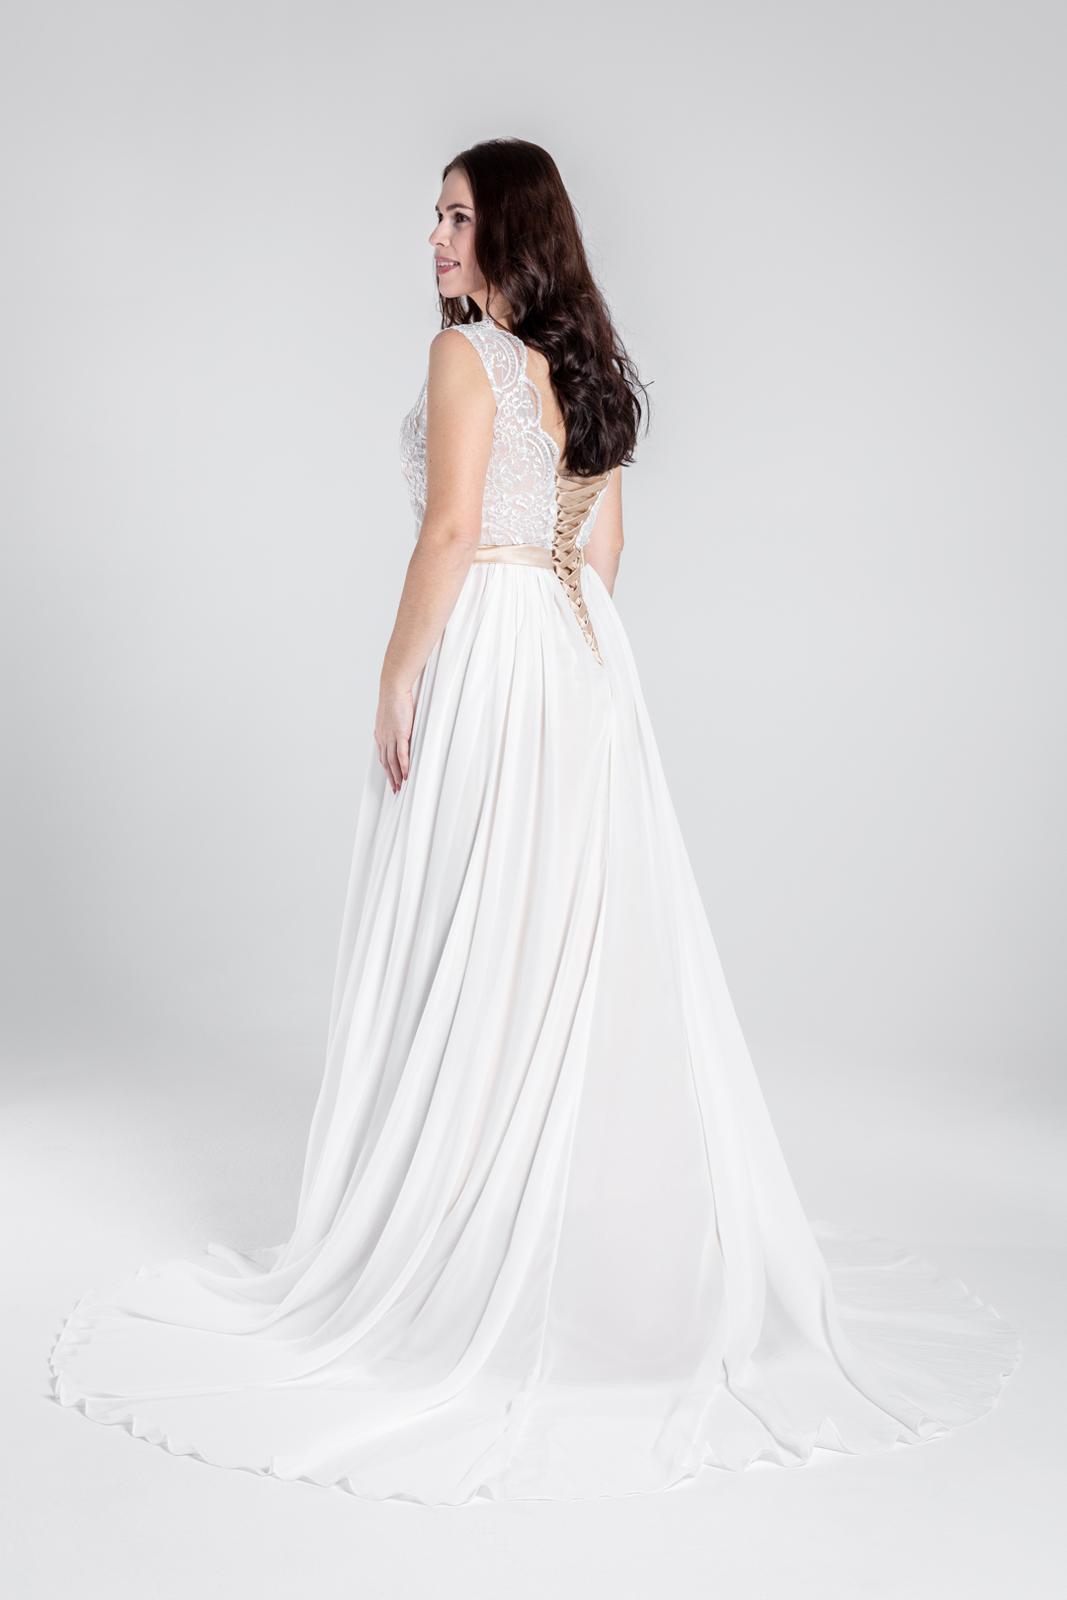 Svatební šaty v boho stylu na šněrování, vel 38-44 - Obrázek č. 4